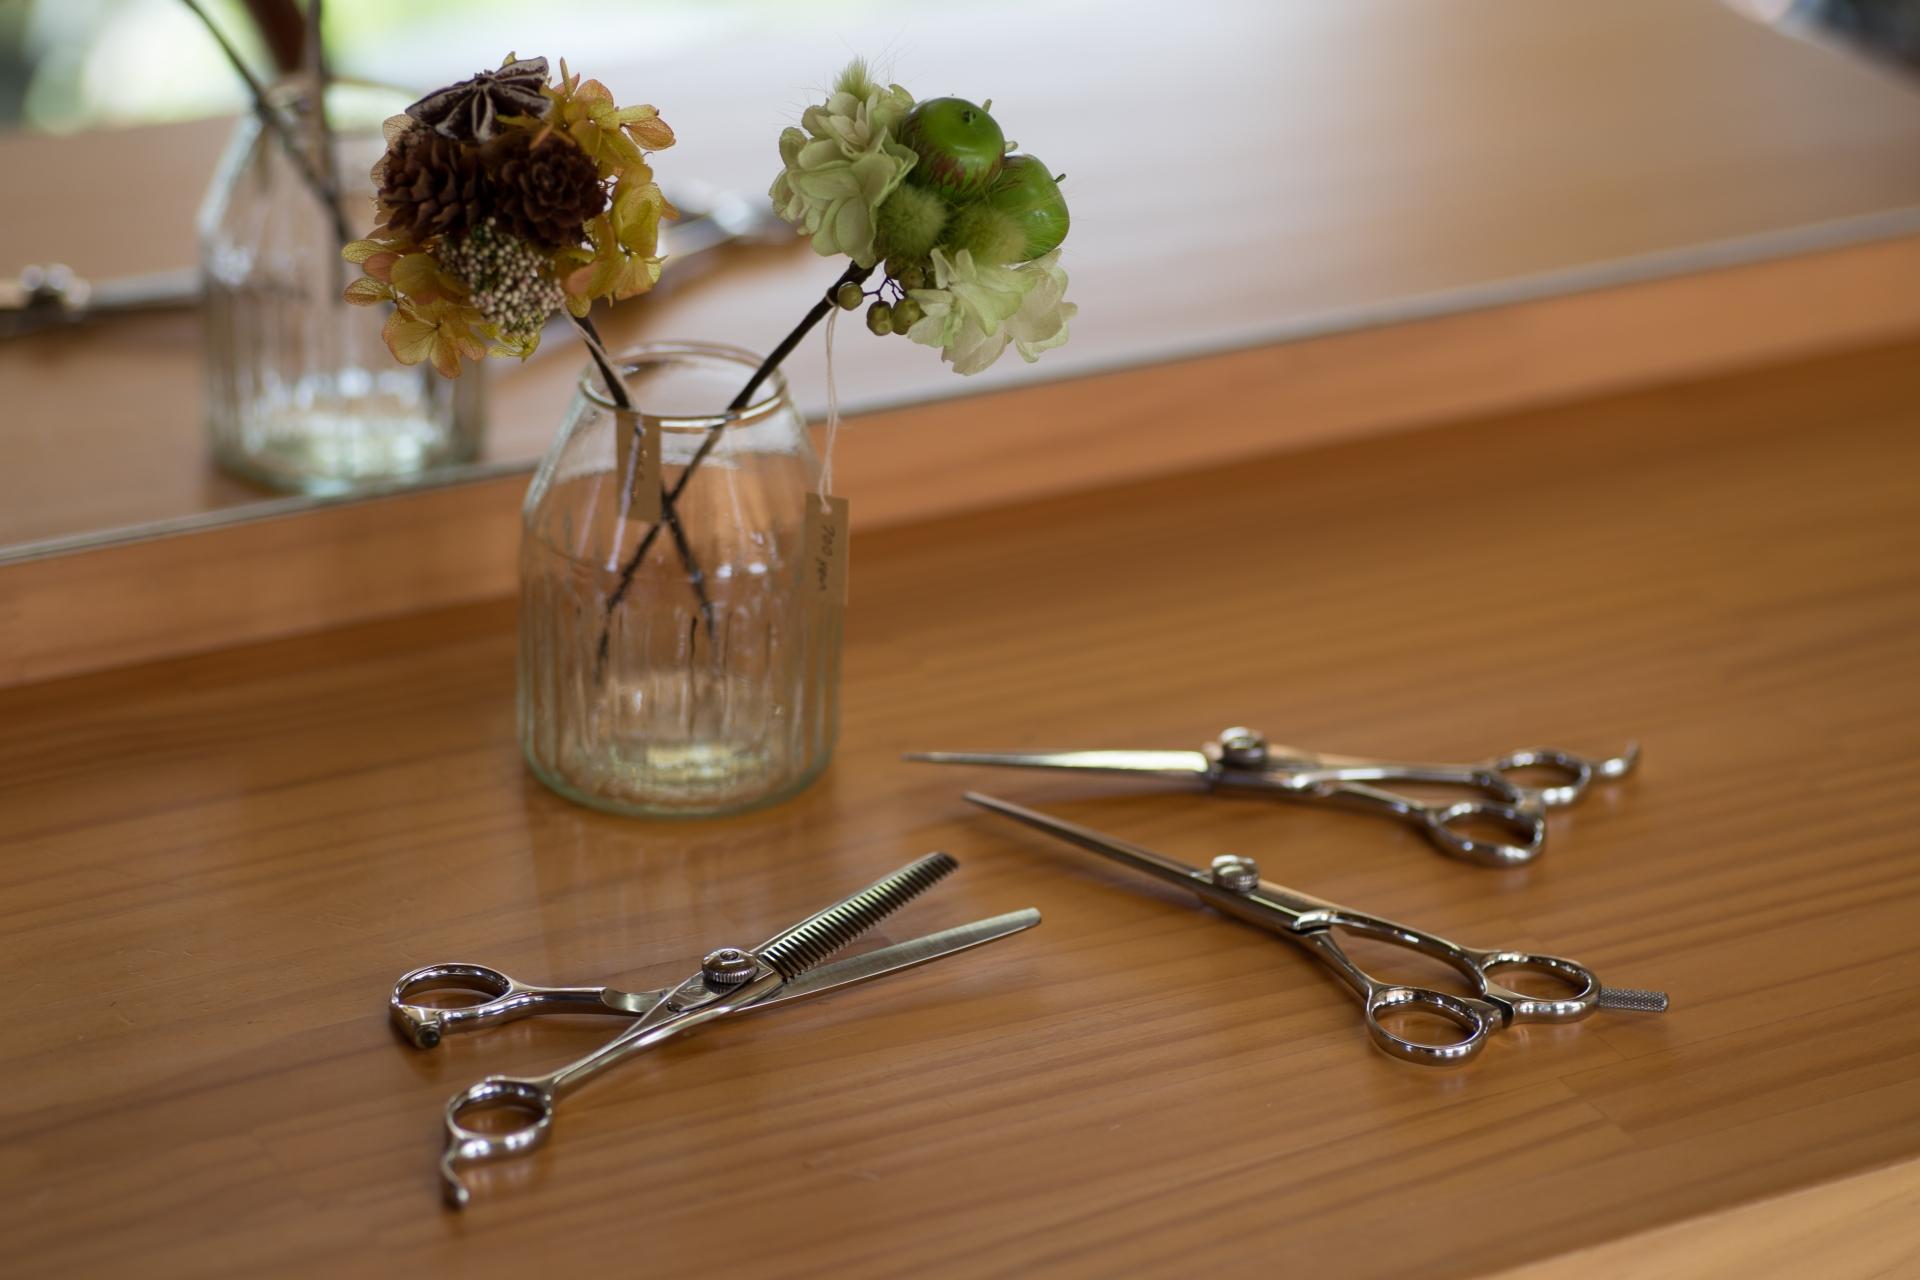 オープン間もない美容室やサロンが実行するべきお金を使わない集客術